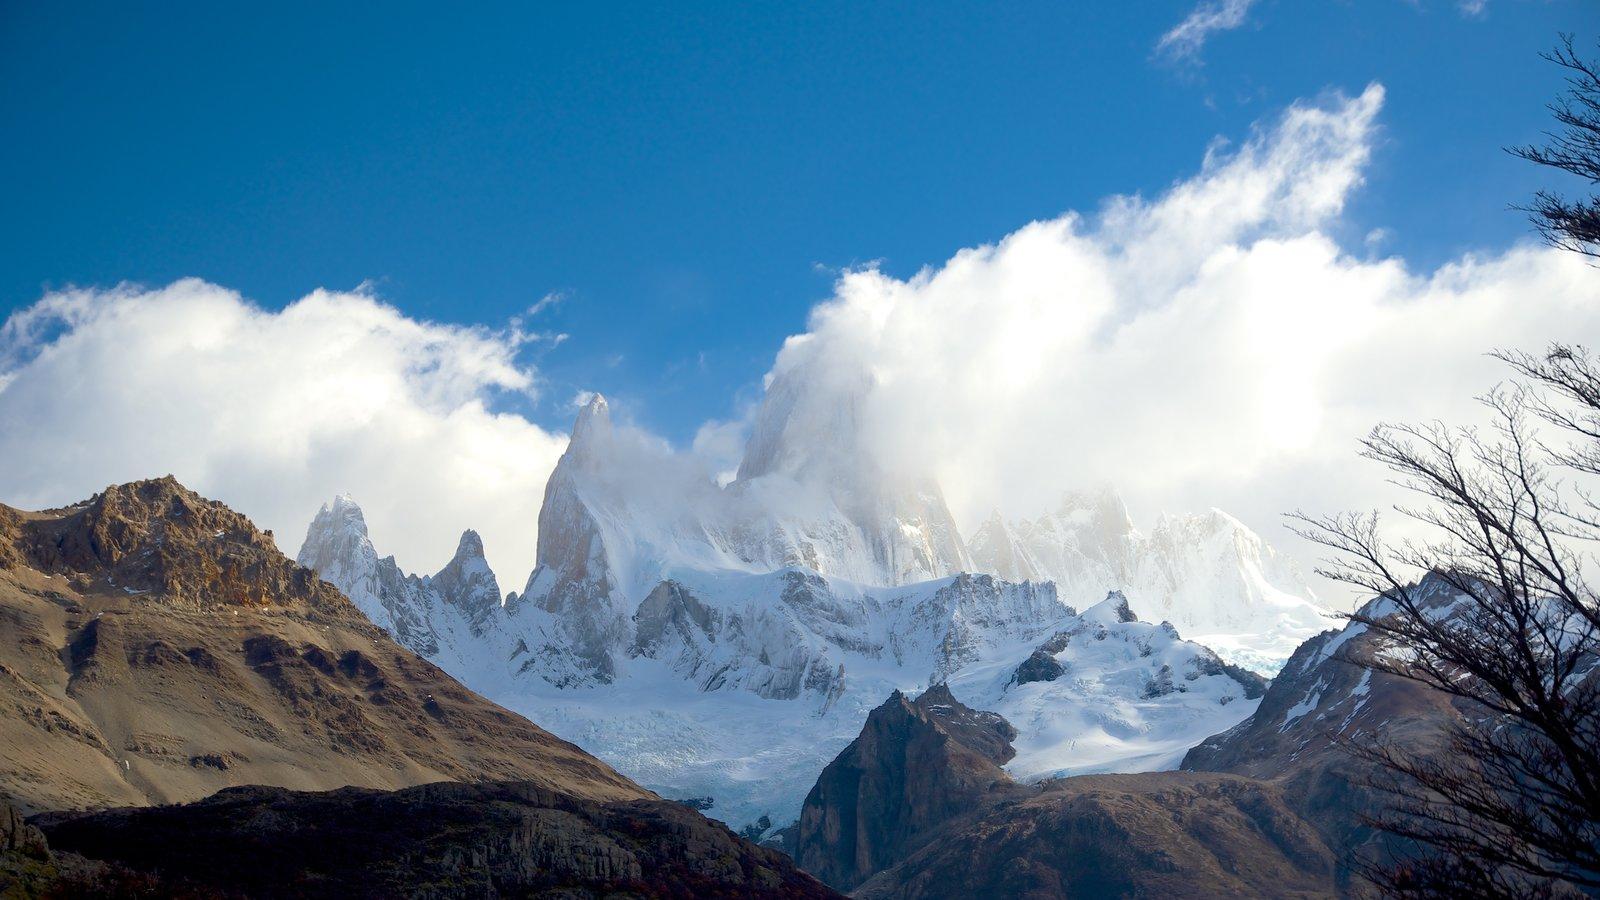 Parque Nacional Los Glaciares que inclui montanhas, cenas tranquilas e paisagem